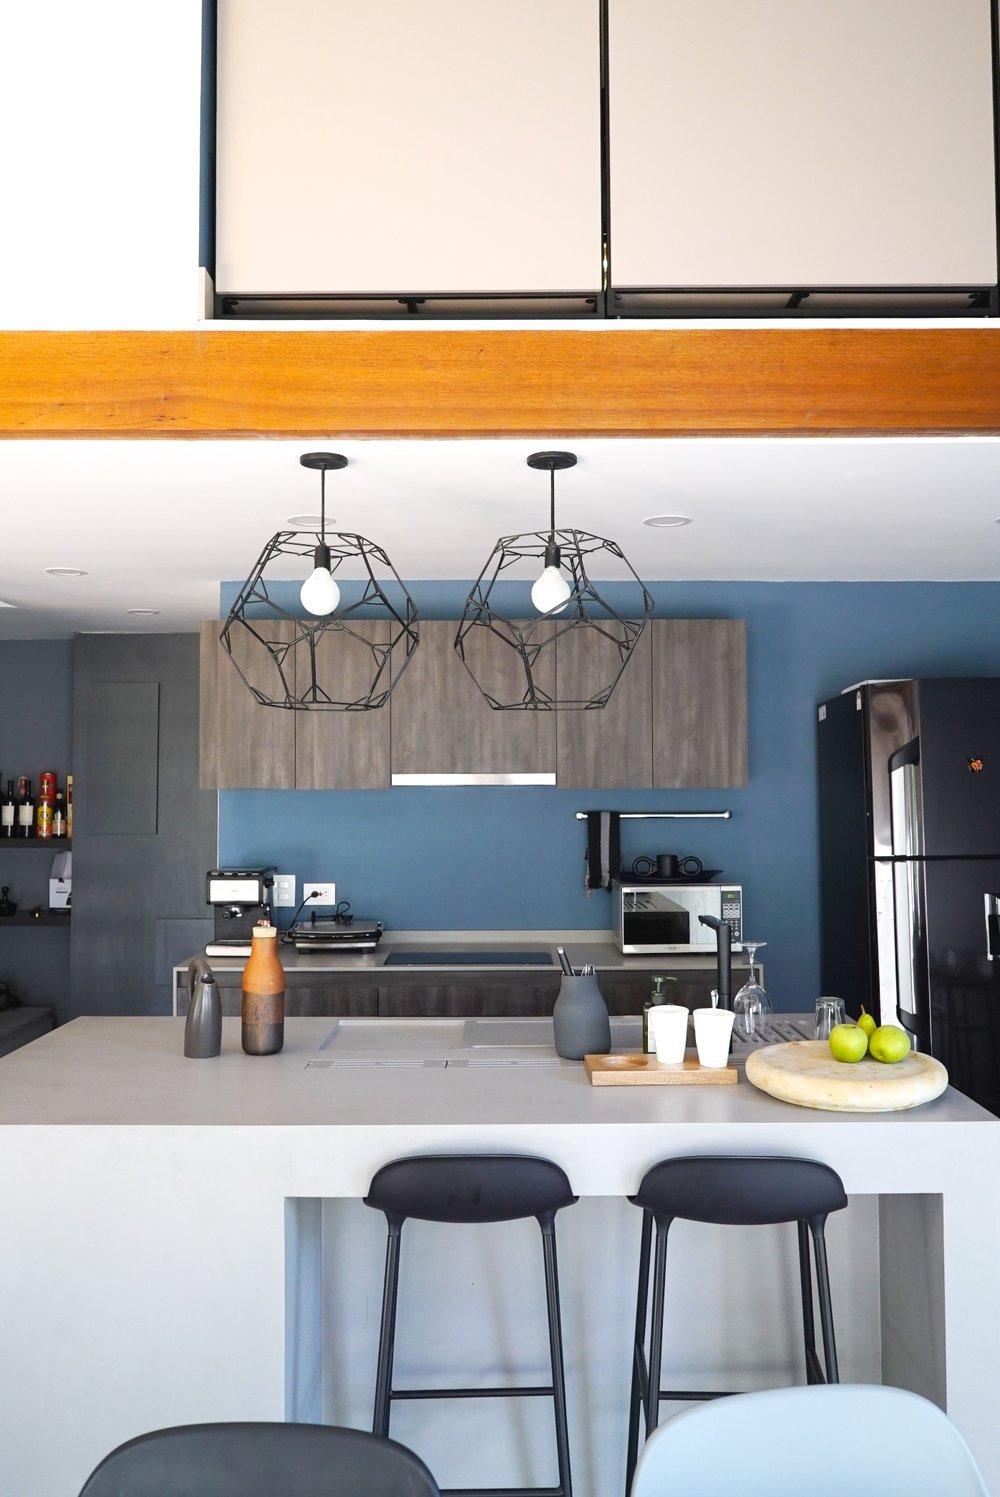 El protagonista de la cocina es el Smart Countertop by Corian, que cuenta con un escurridor de platos integrado y mesa corrediza.